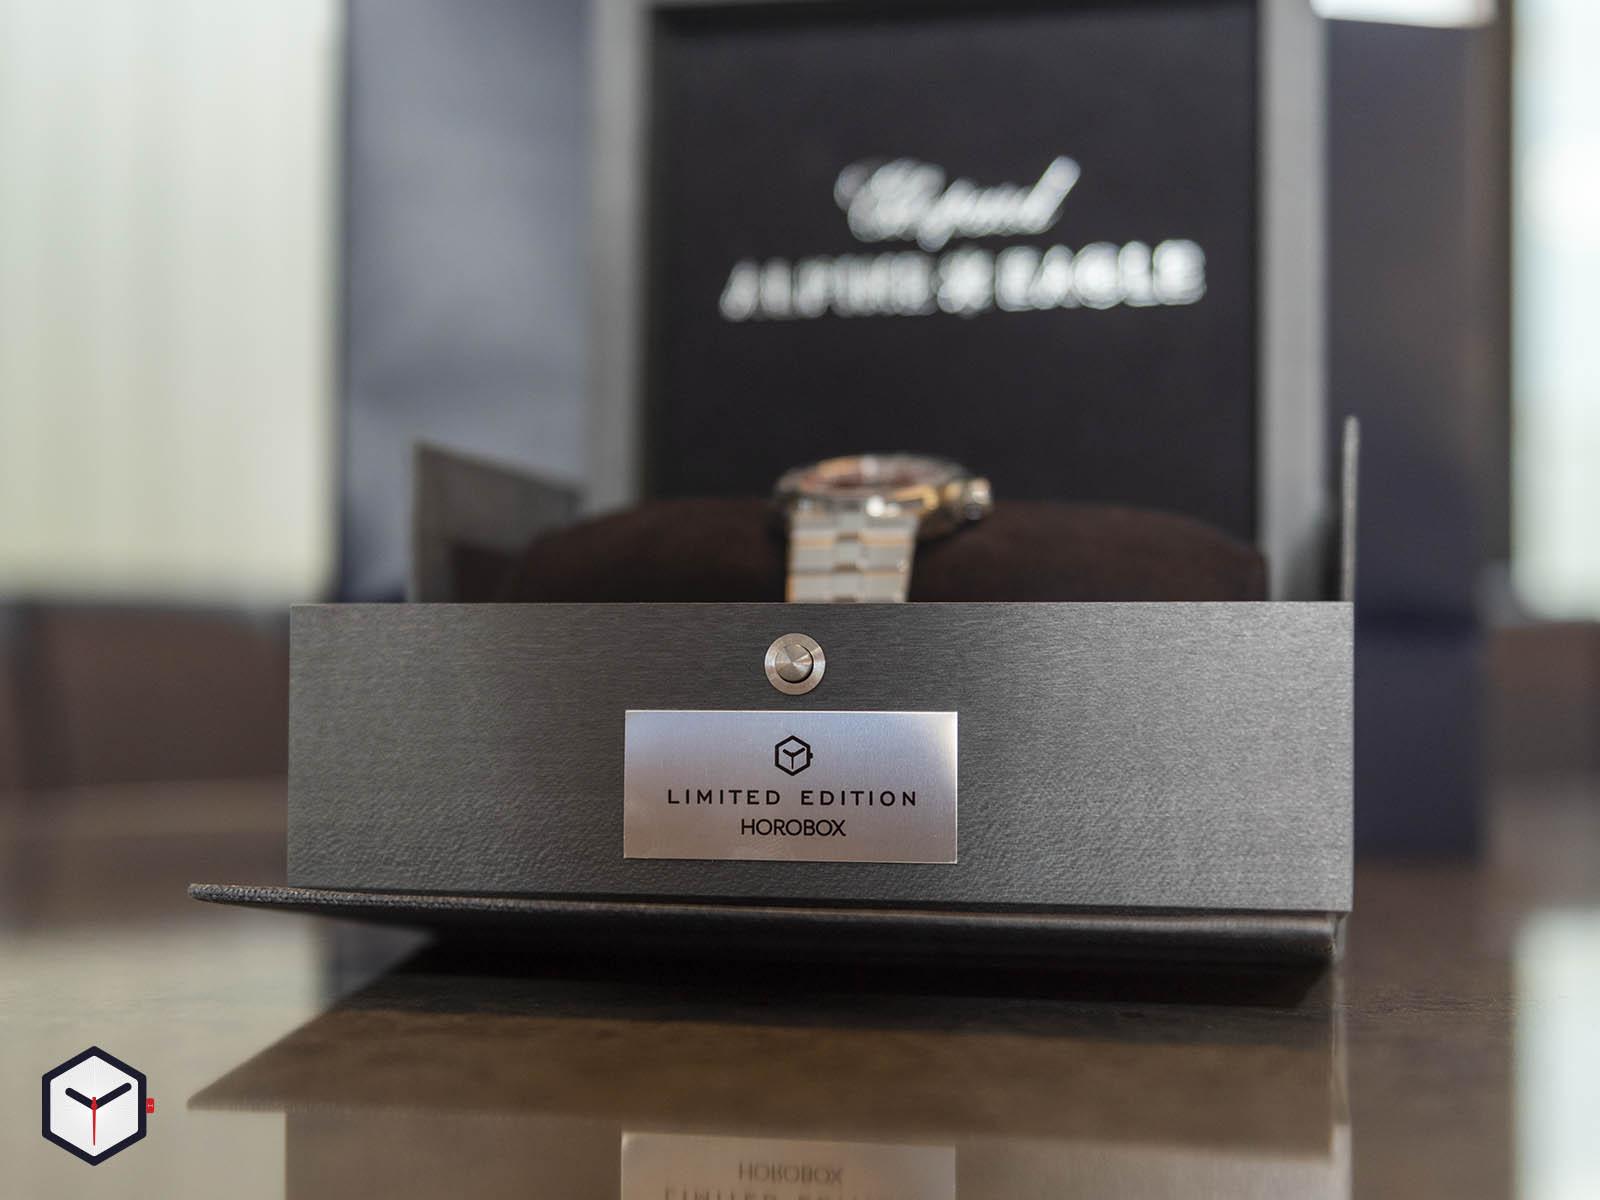 chopard-alpine-eagle-horobox-limited-edition-28.jpg